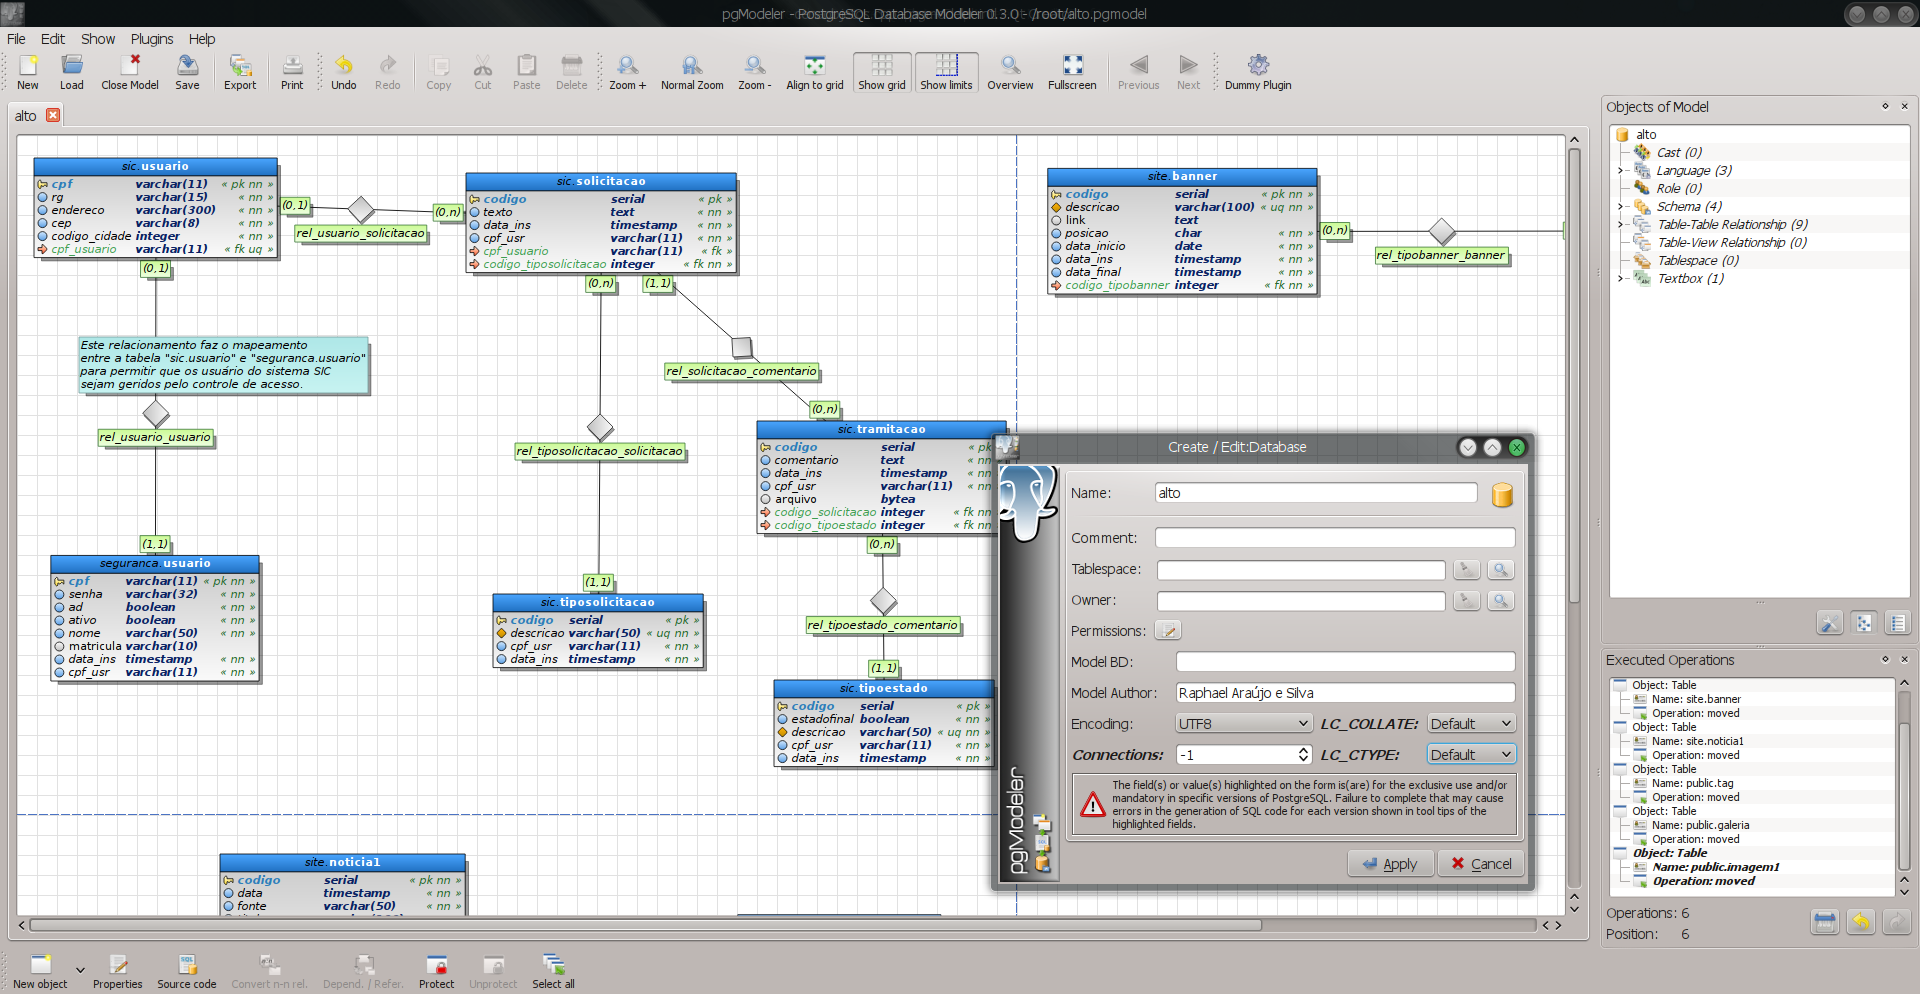 PostgreSQL Database Modeler